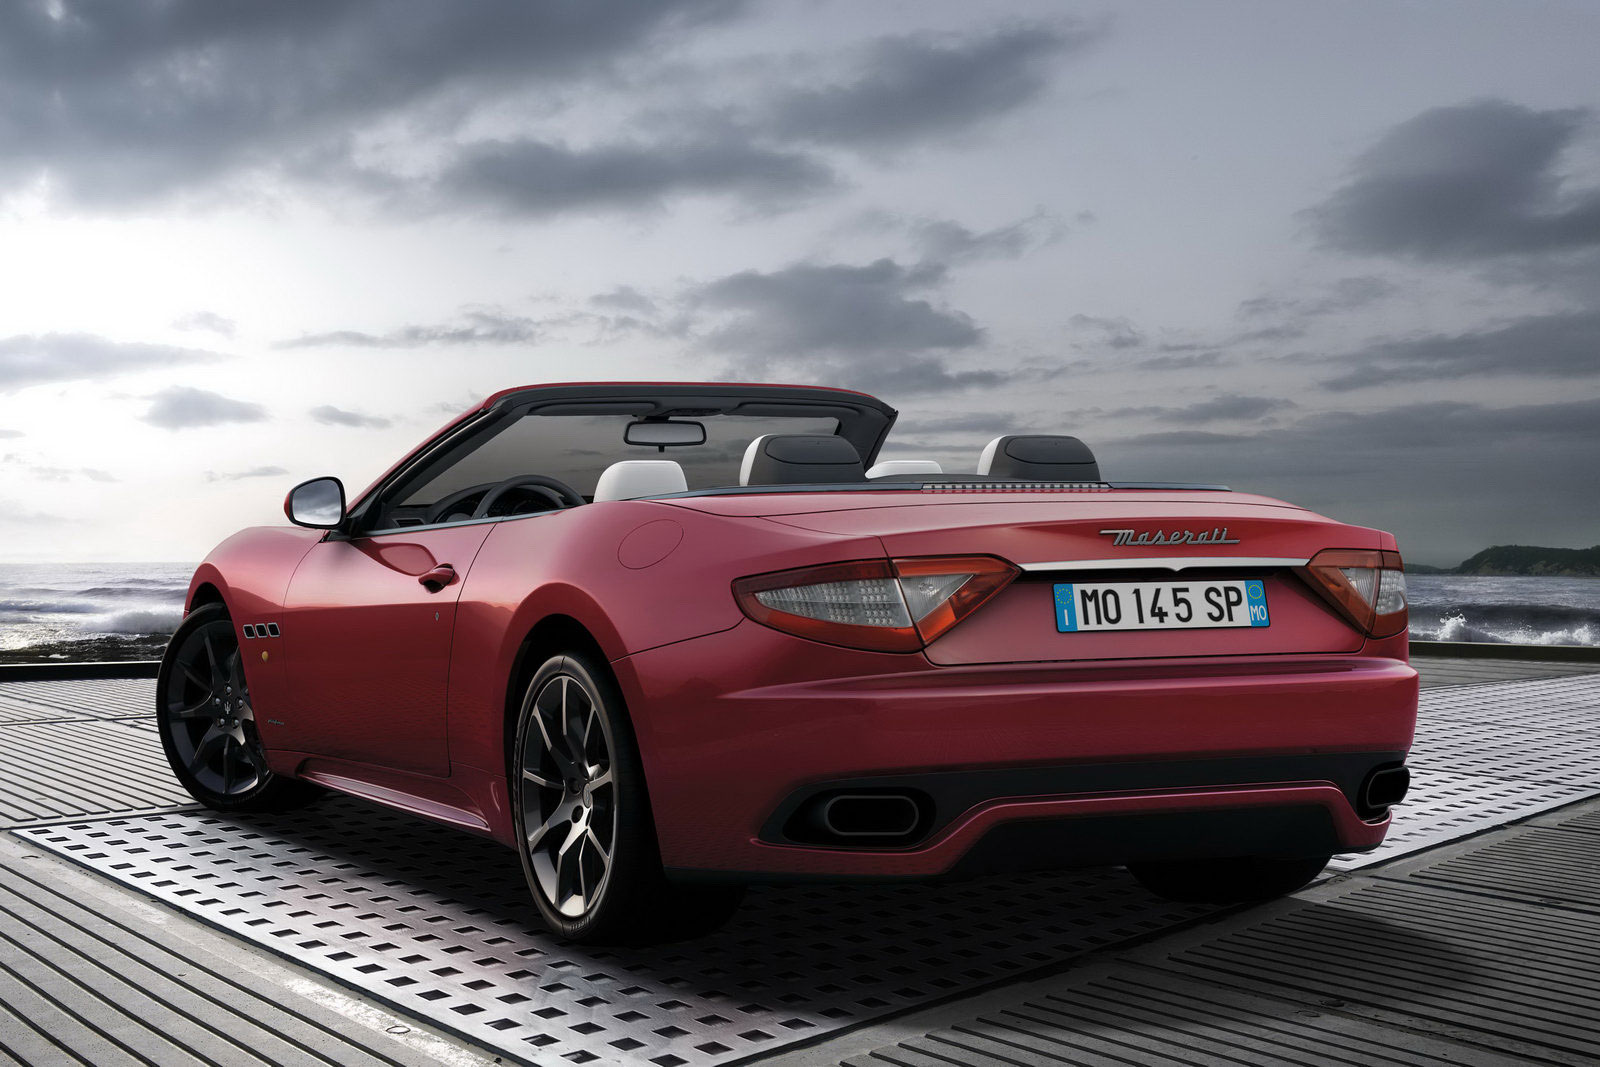 Maserati GranCabrio Sport rear angle Geneva Motor Show Free Download Image Of